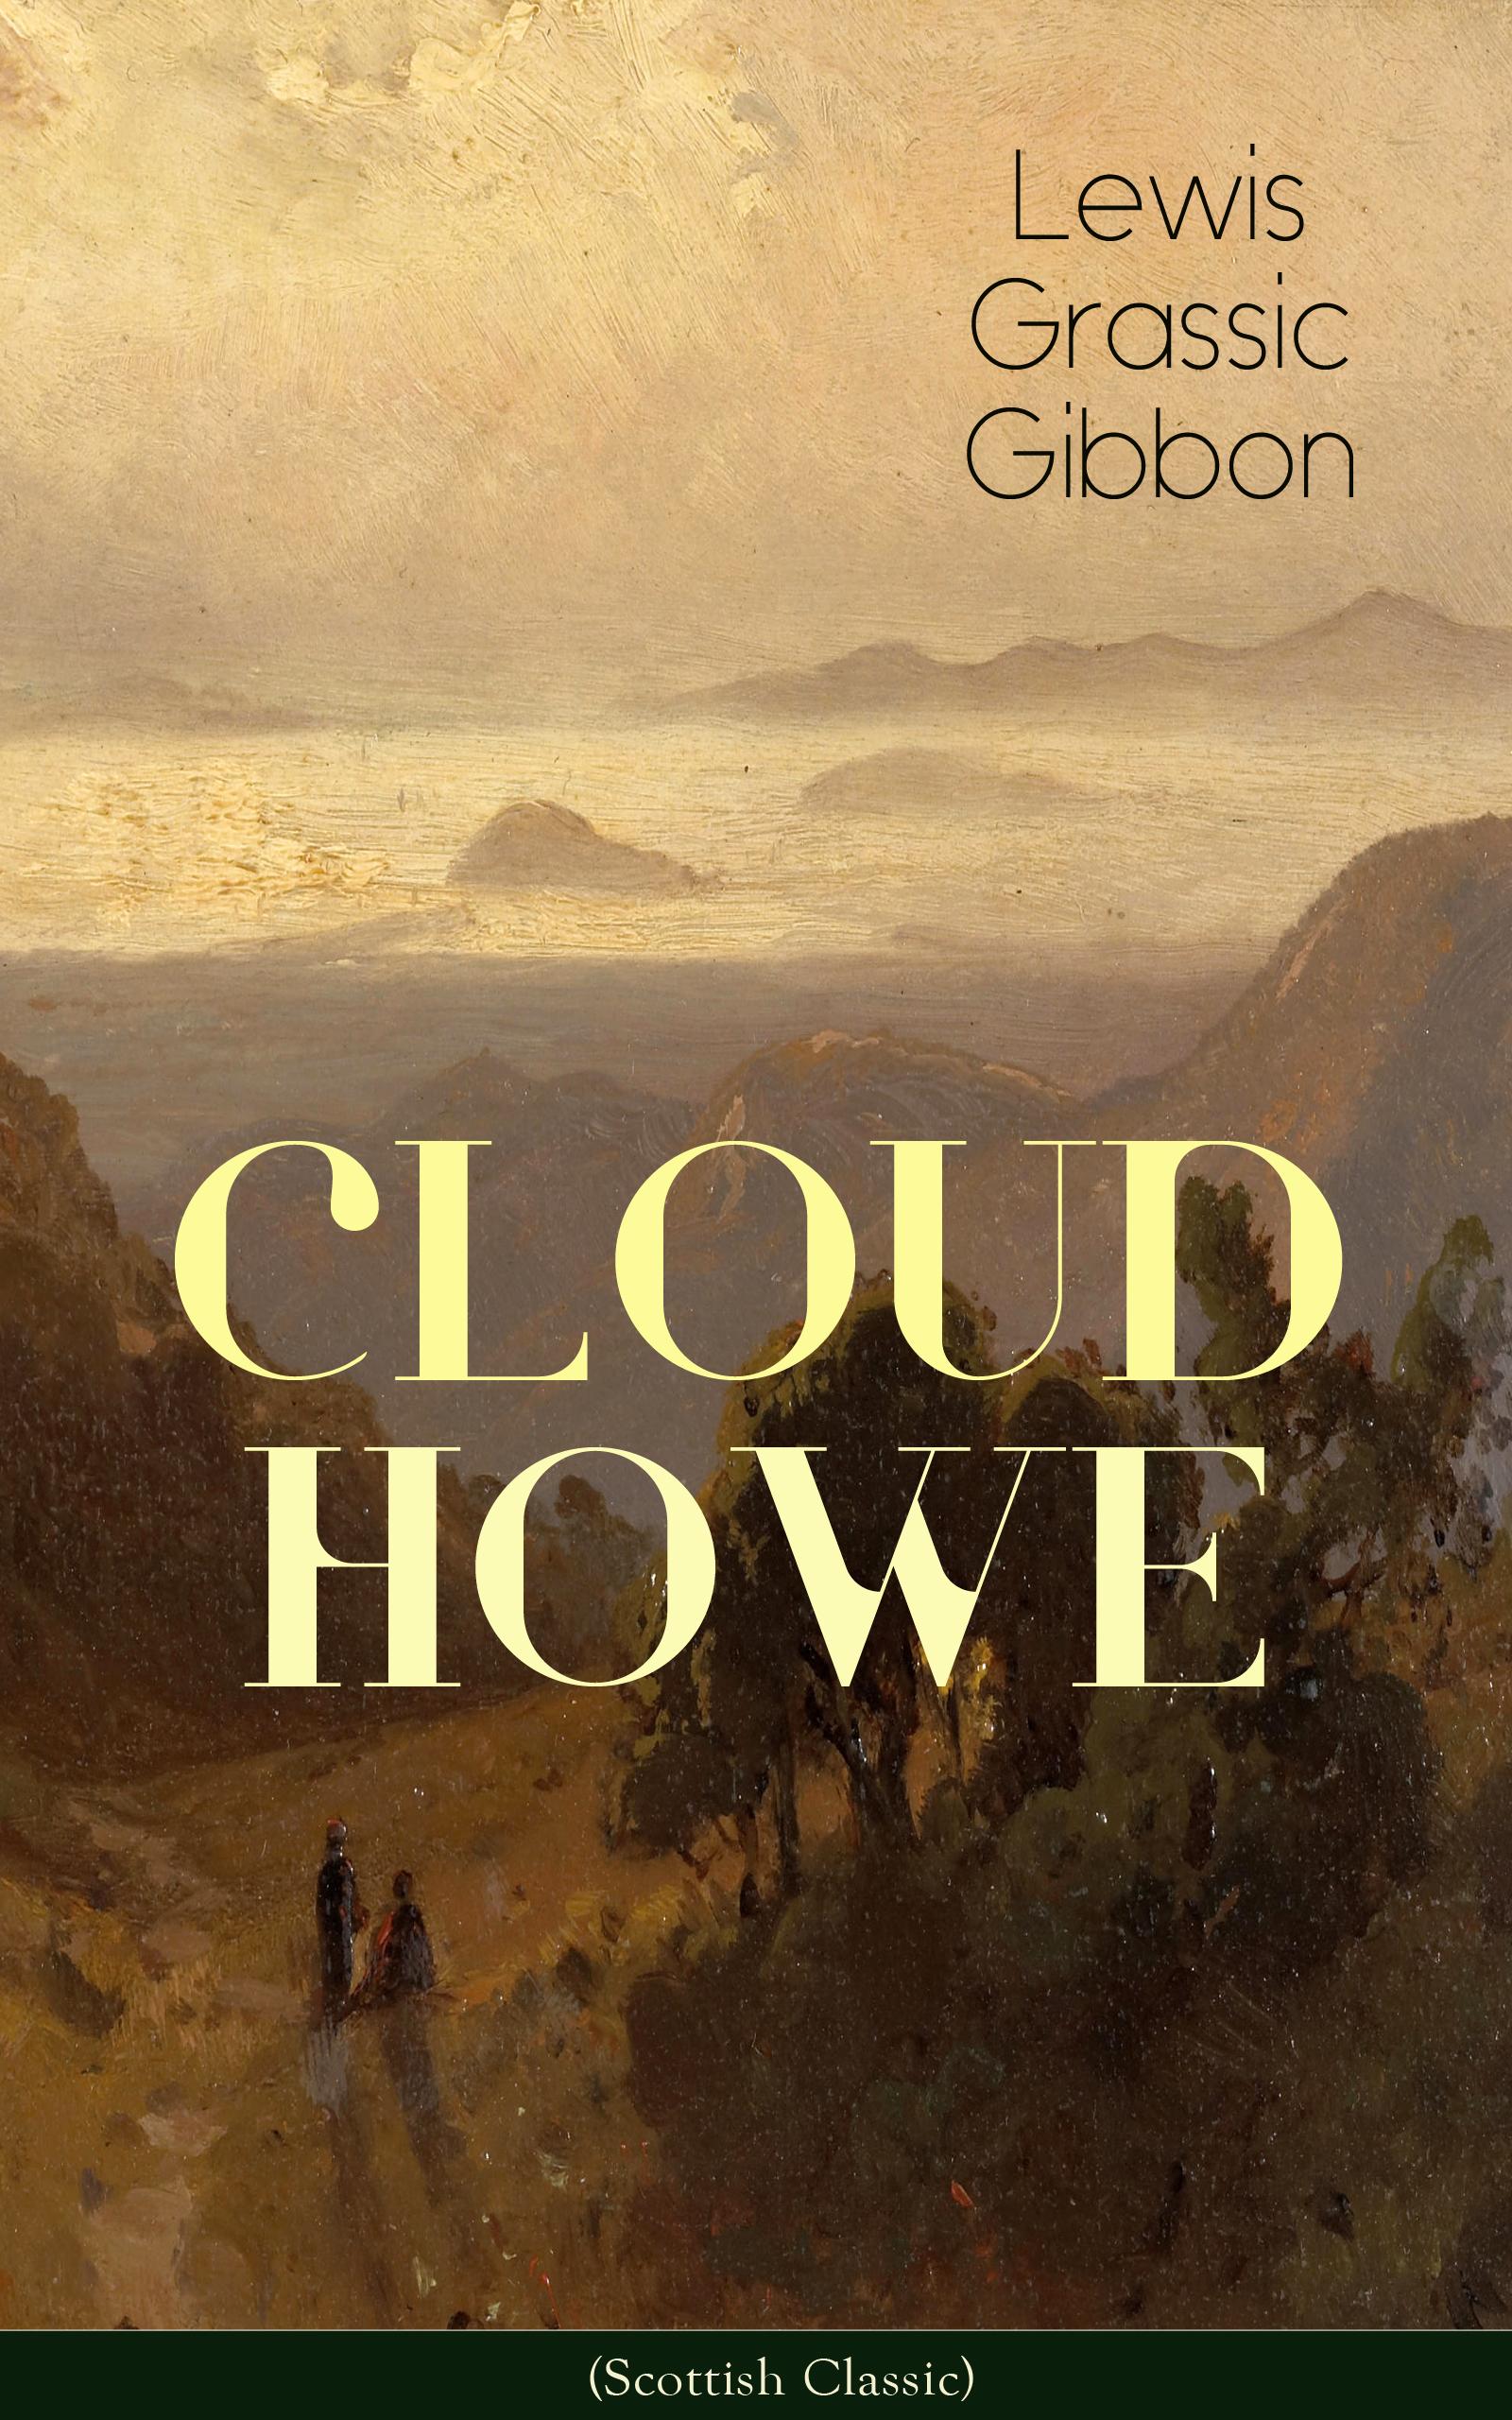 цена на Lewis Grassic Gibbon CLOUD HOWE (Scottish Classic)